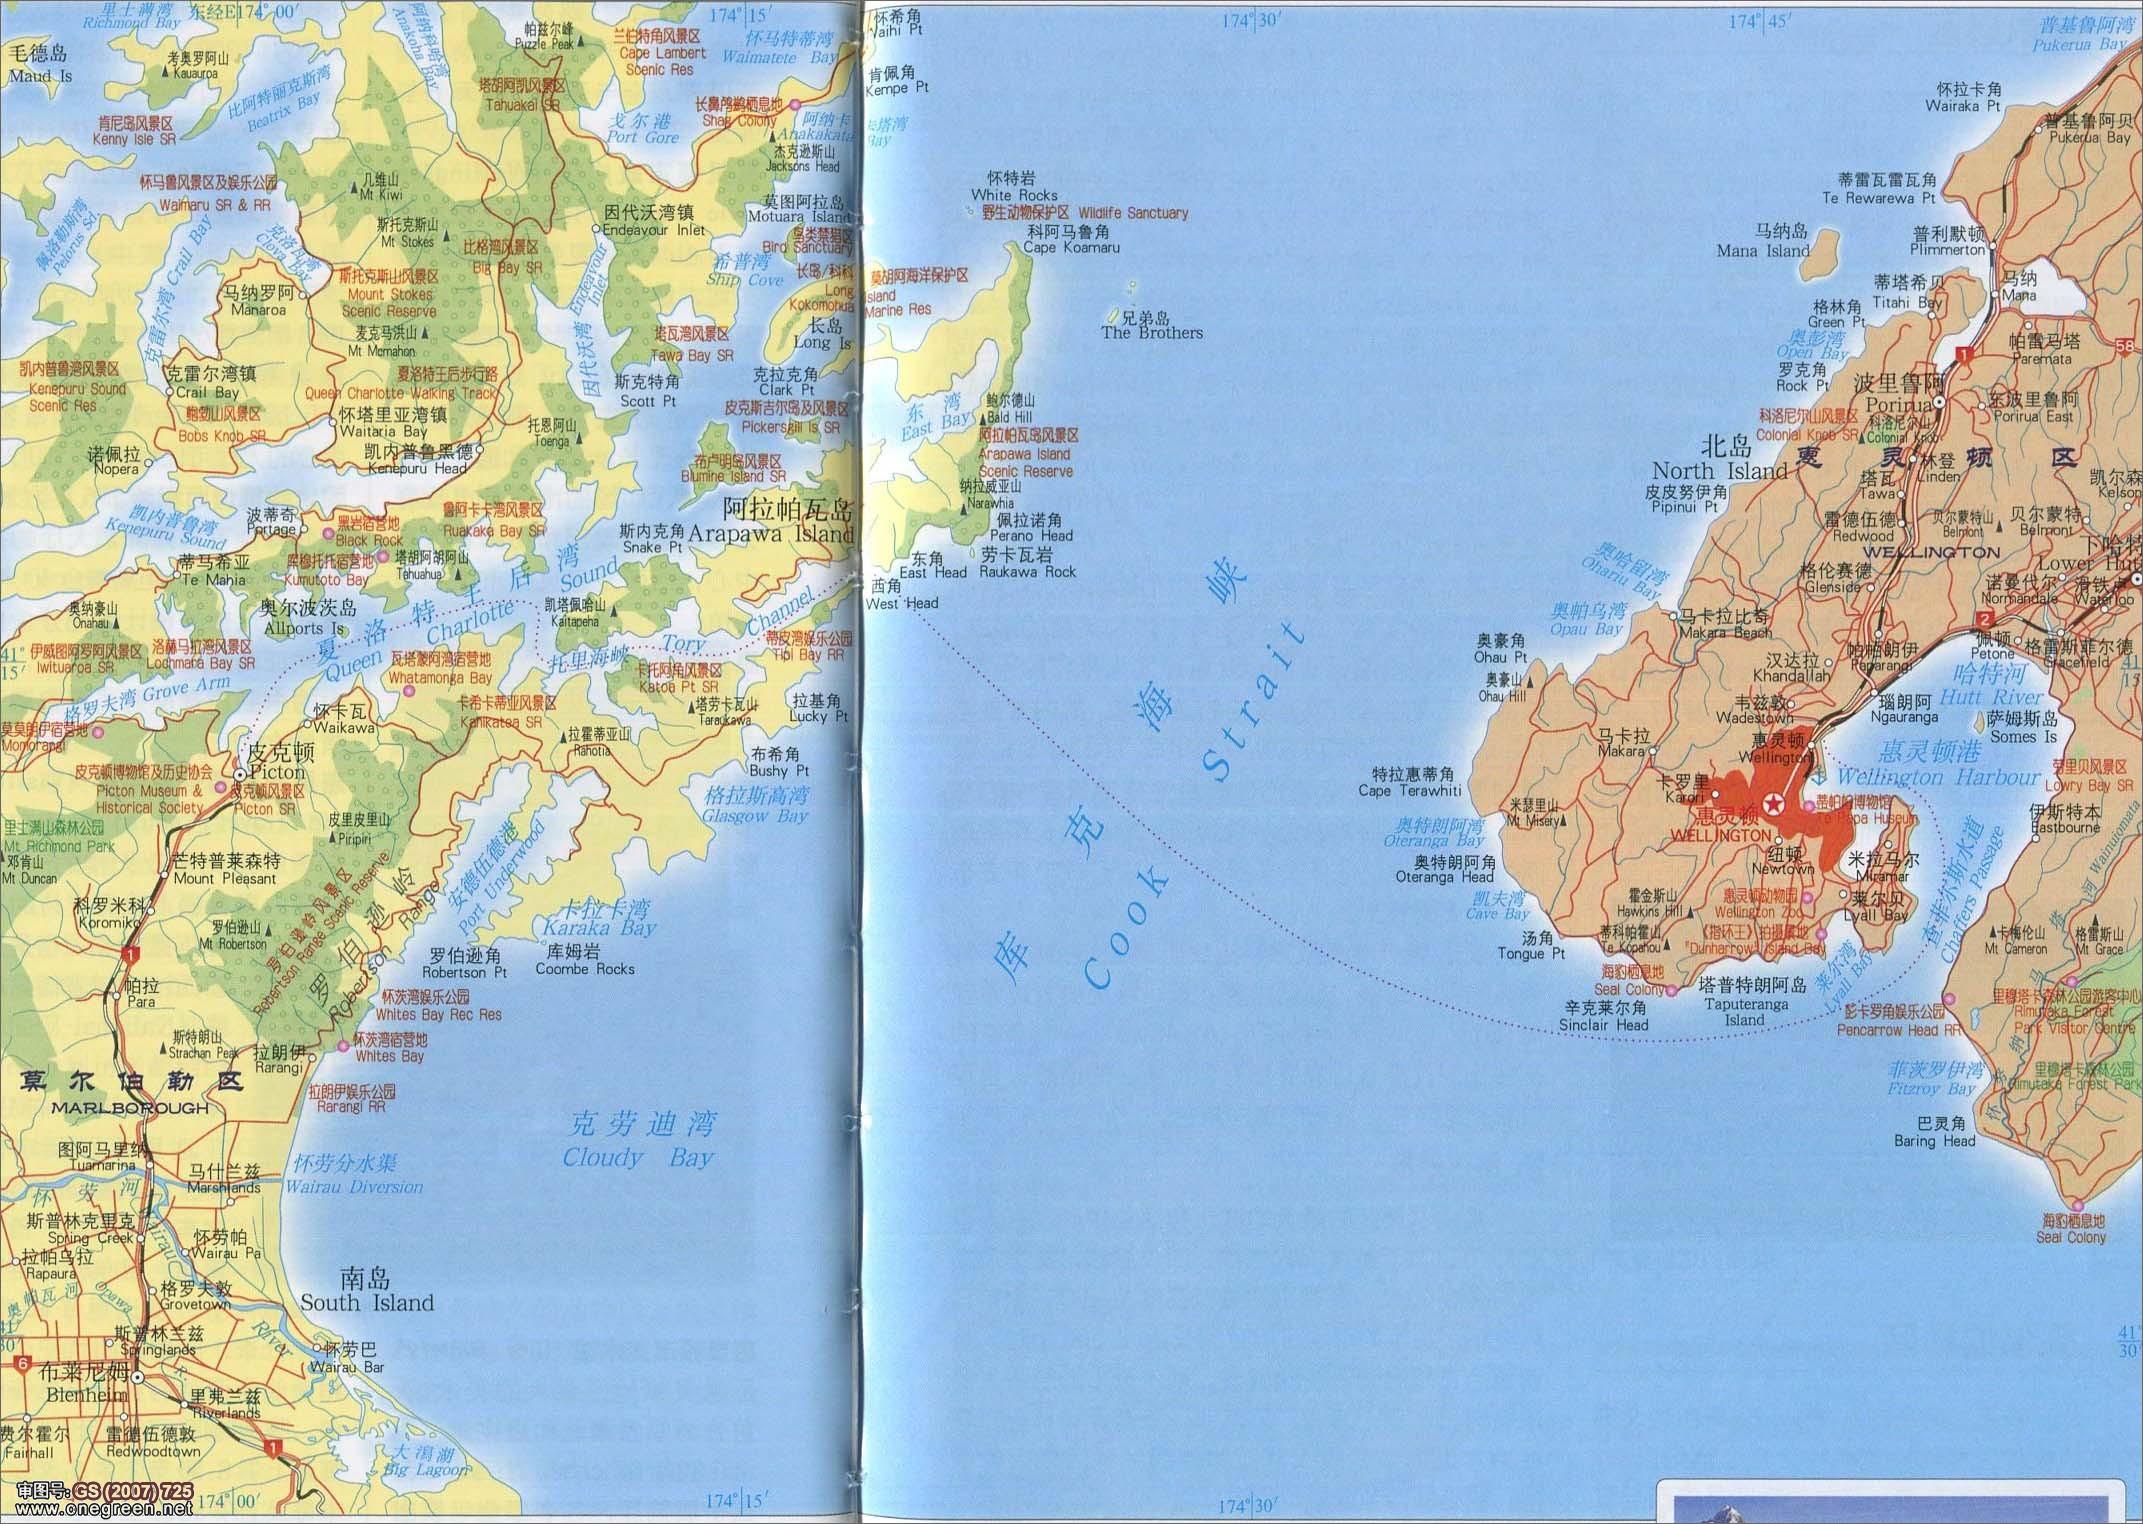 栏目导航:澳大利亚 新西兰 巴布亚新几内亚 所罗门群岛 北马里亚纳群岛 瓦努阿图 帕劳 瑙鲁 图瓦卢 基里巴斯 萨摩亚 美属萨摩亚 纽埃 库克群岛 汤加 密克罗尼西亚联邦 皮特凯恩 新喀里多尼亚 斐济群岛 密克罗尼亚联邦 马绍尔群岛 关岛 托克劳 瓦利斯和富图纳